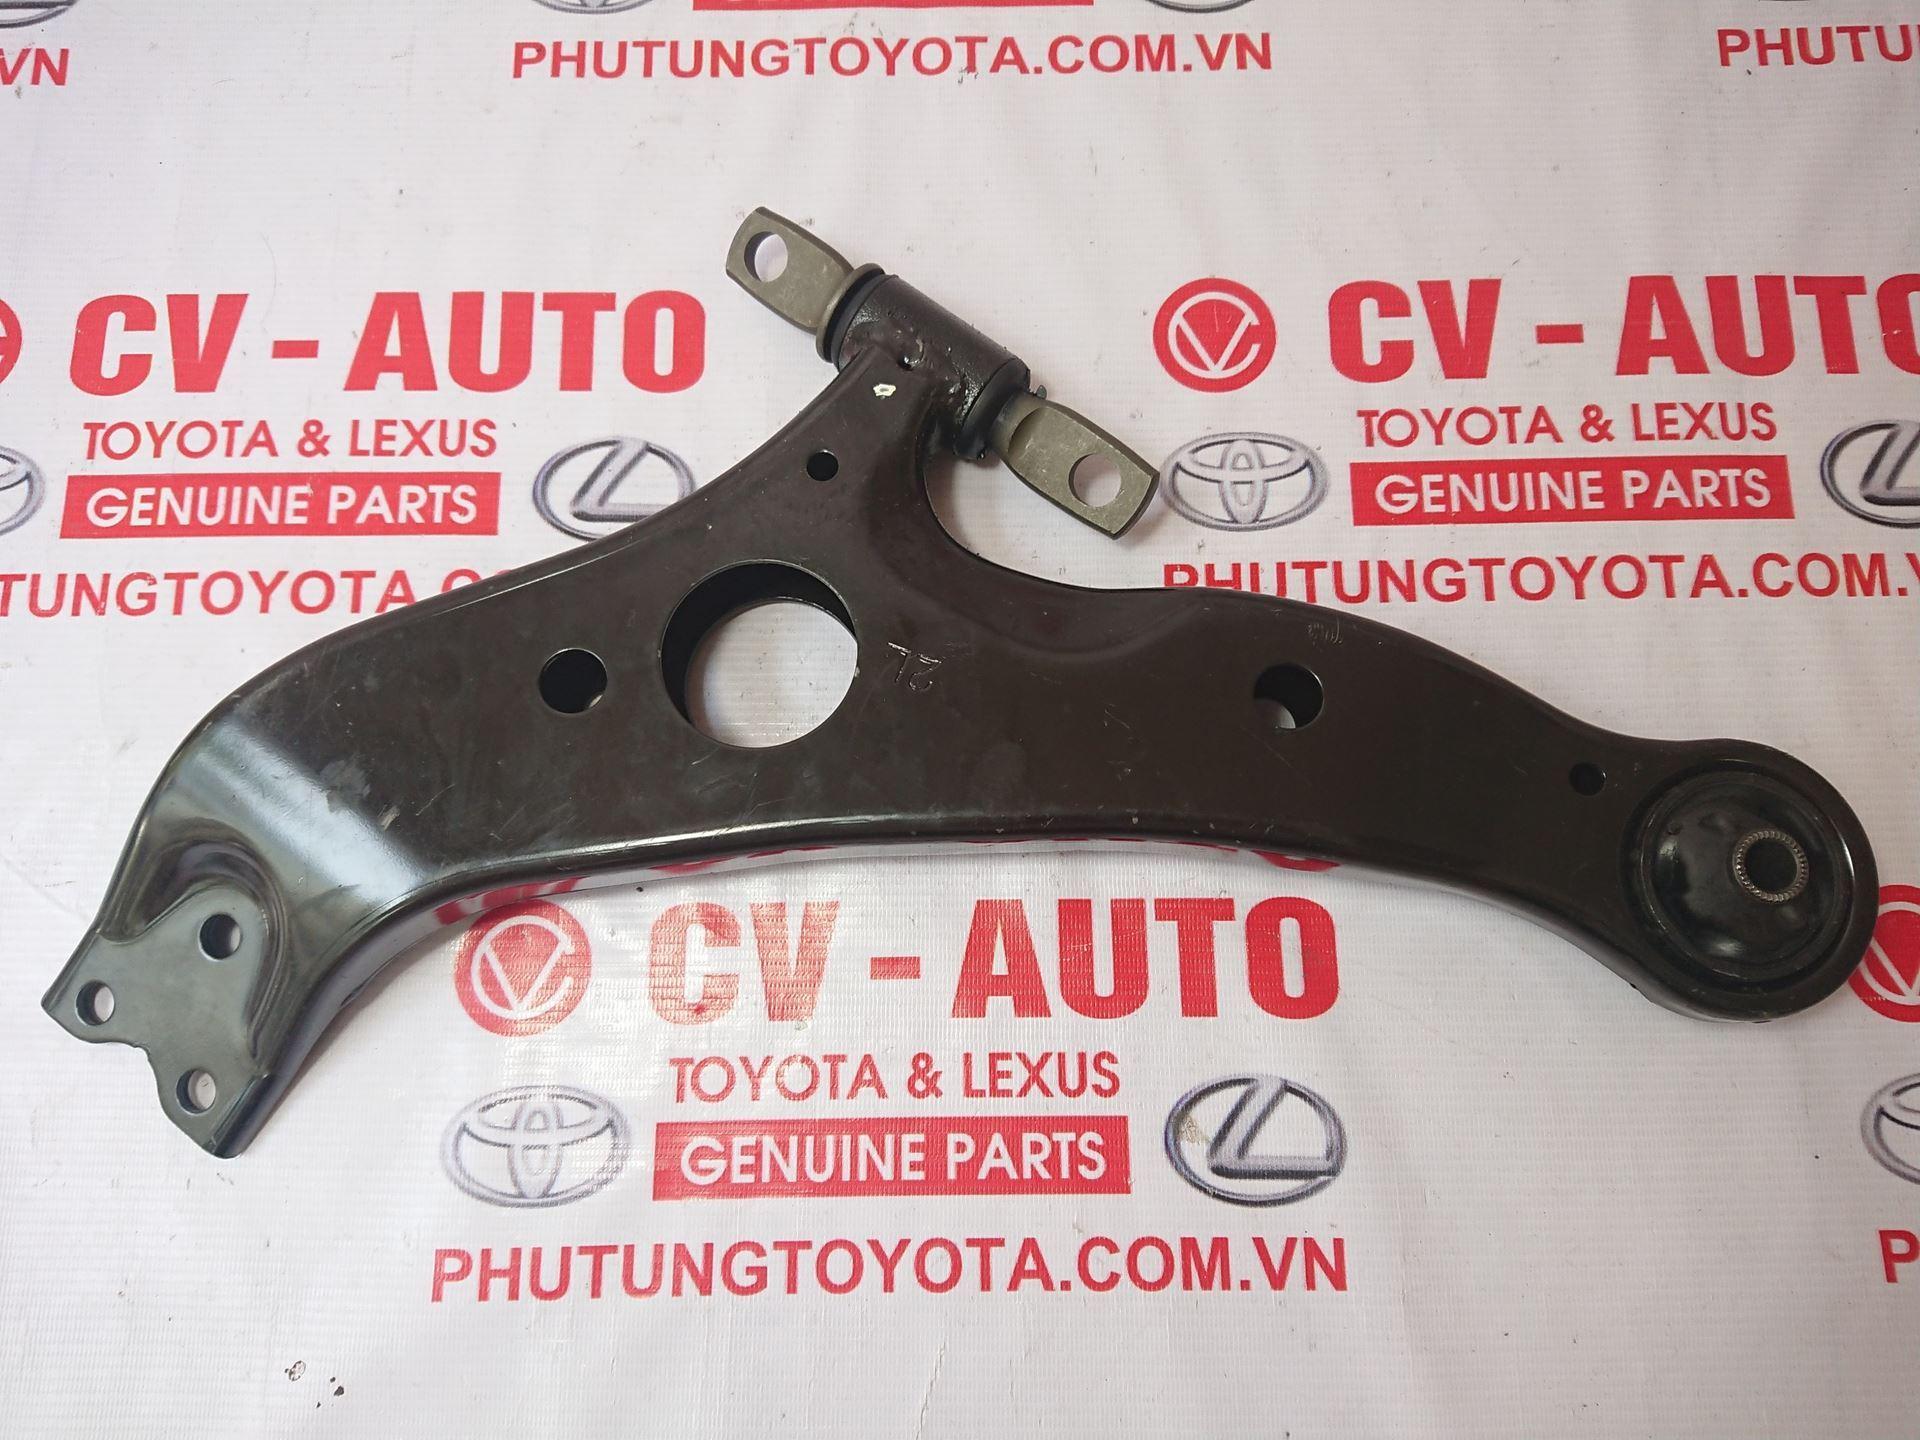 Picture of 48069-08021 Càng A trái Toyota Sienna hàng chính hãng